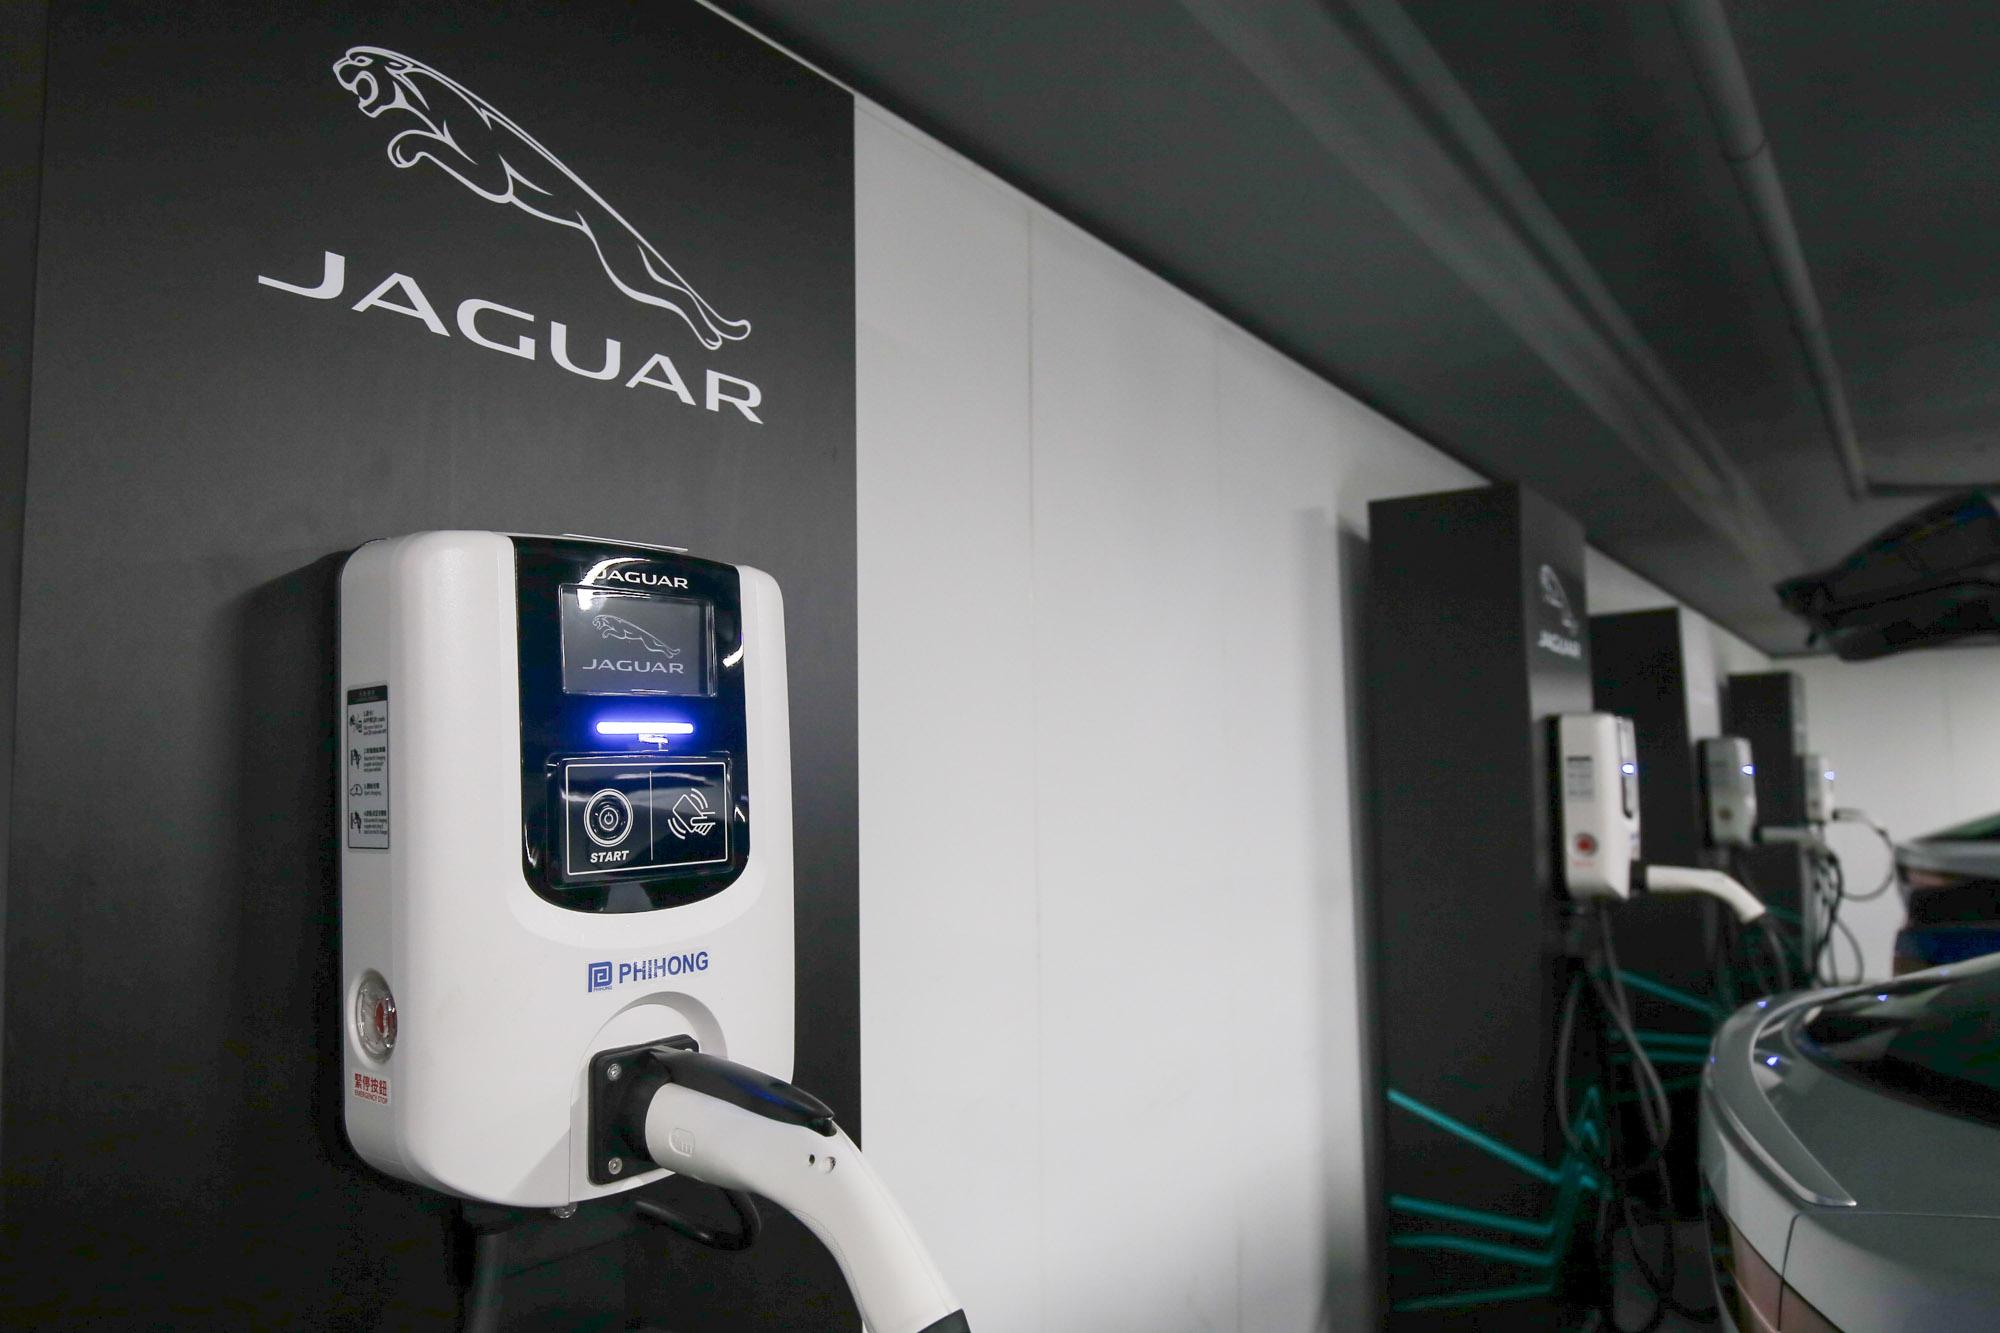 目前購買 I-PACE 即贈送 JLR Taiwan 與飛宏科技開發的家用壁掛式充電器。